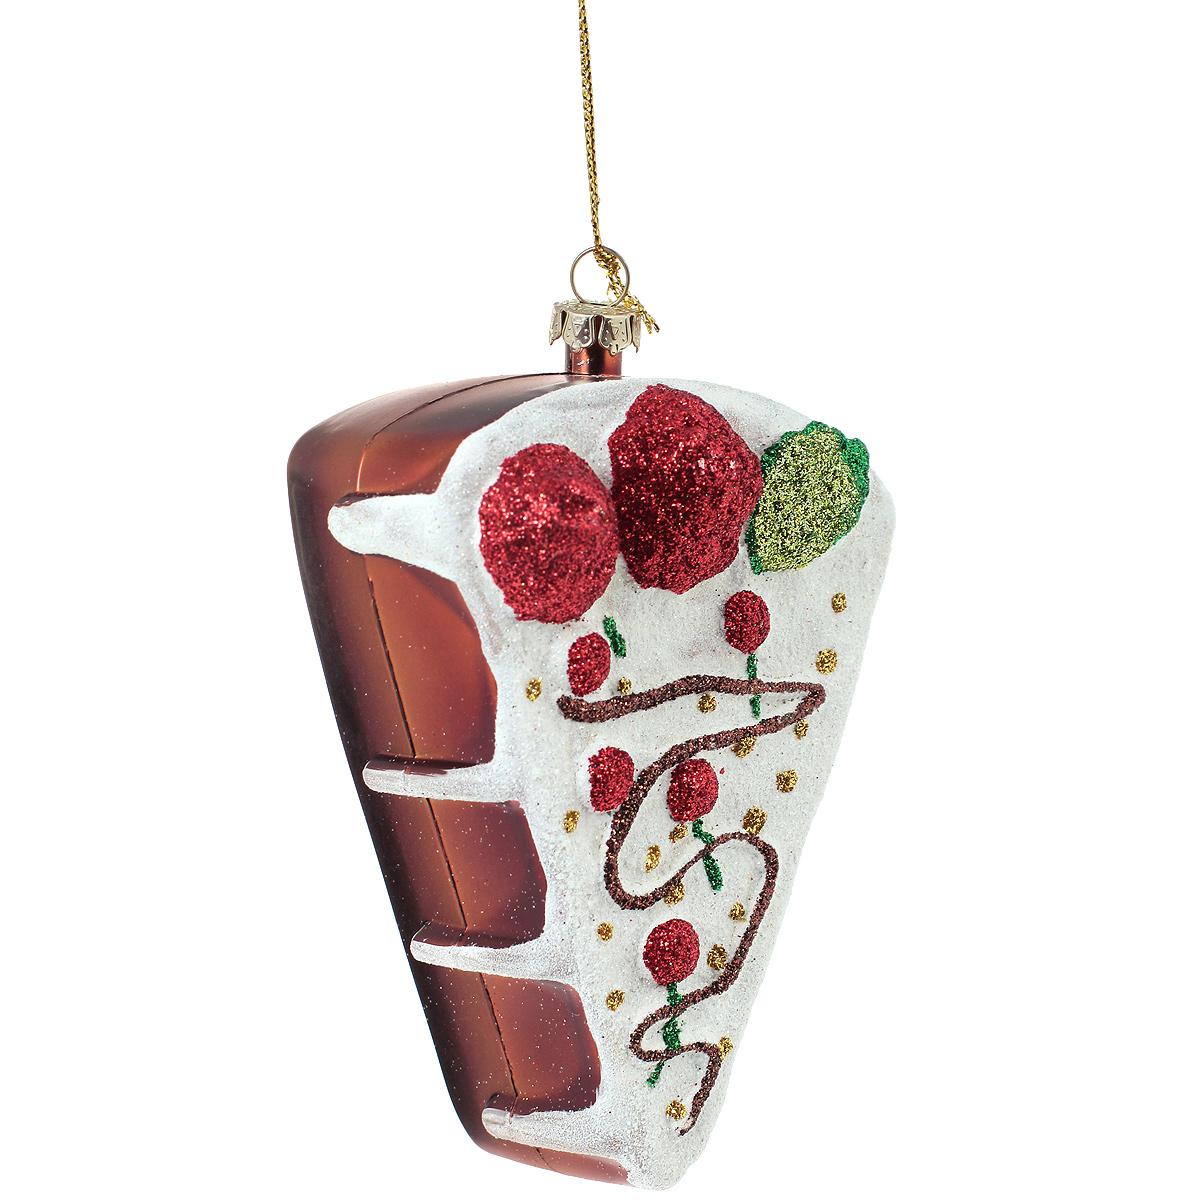 Новогоднее подвесное украшение Торт. 2589725897Оригинальное новогоднее украшение из пластика прекрасно подойдет для праздничного декора дома и новогодней ели. Изделие крепится на елку с помощью металлического зажима.